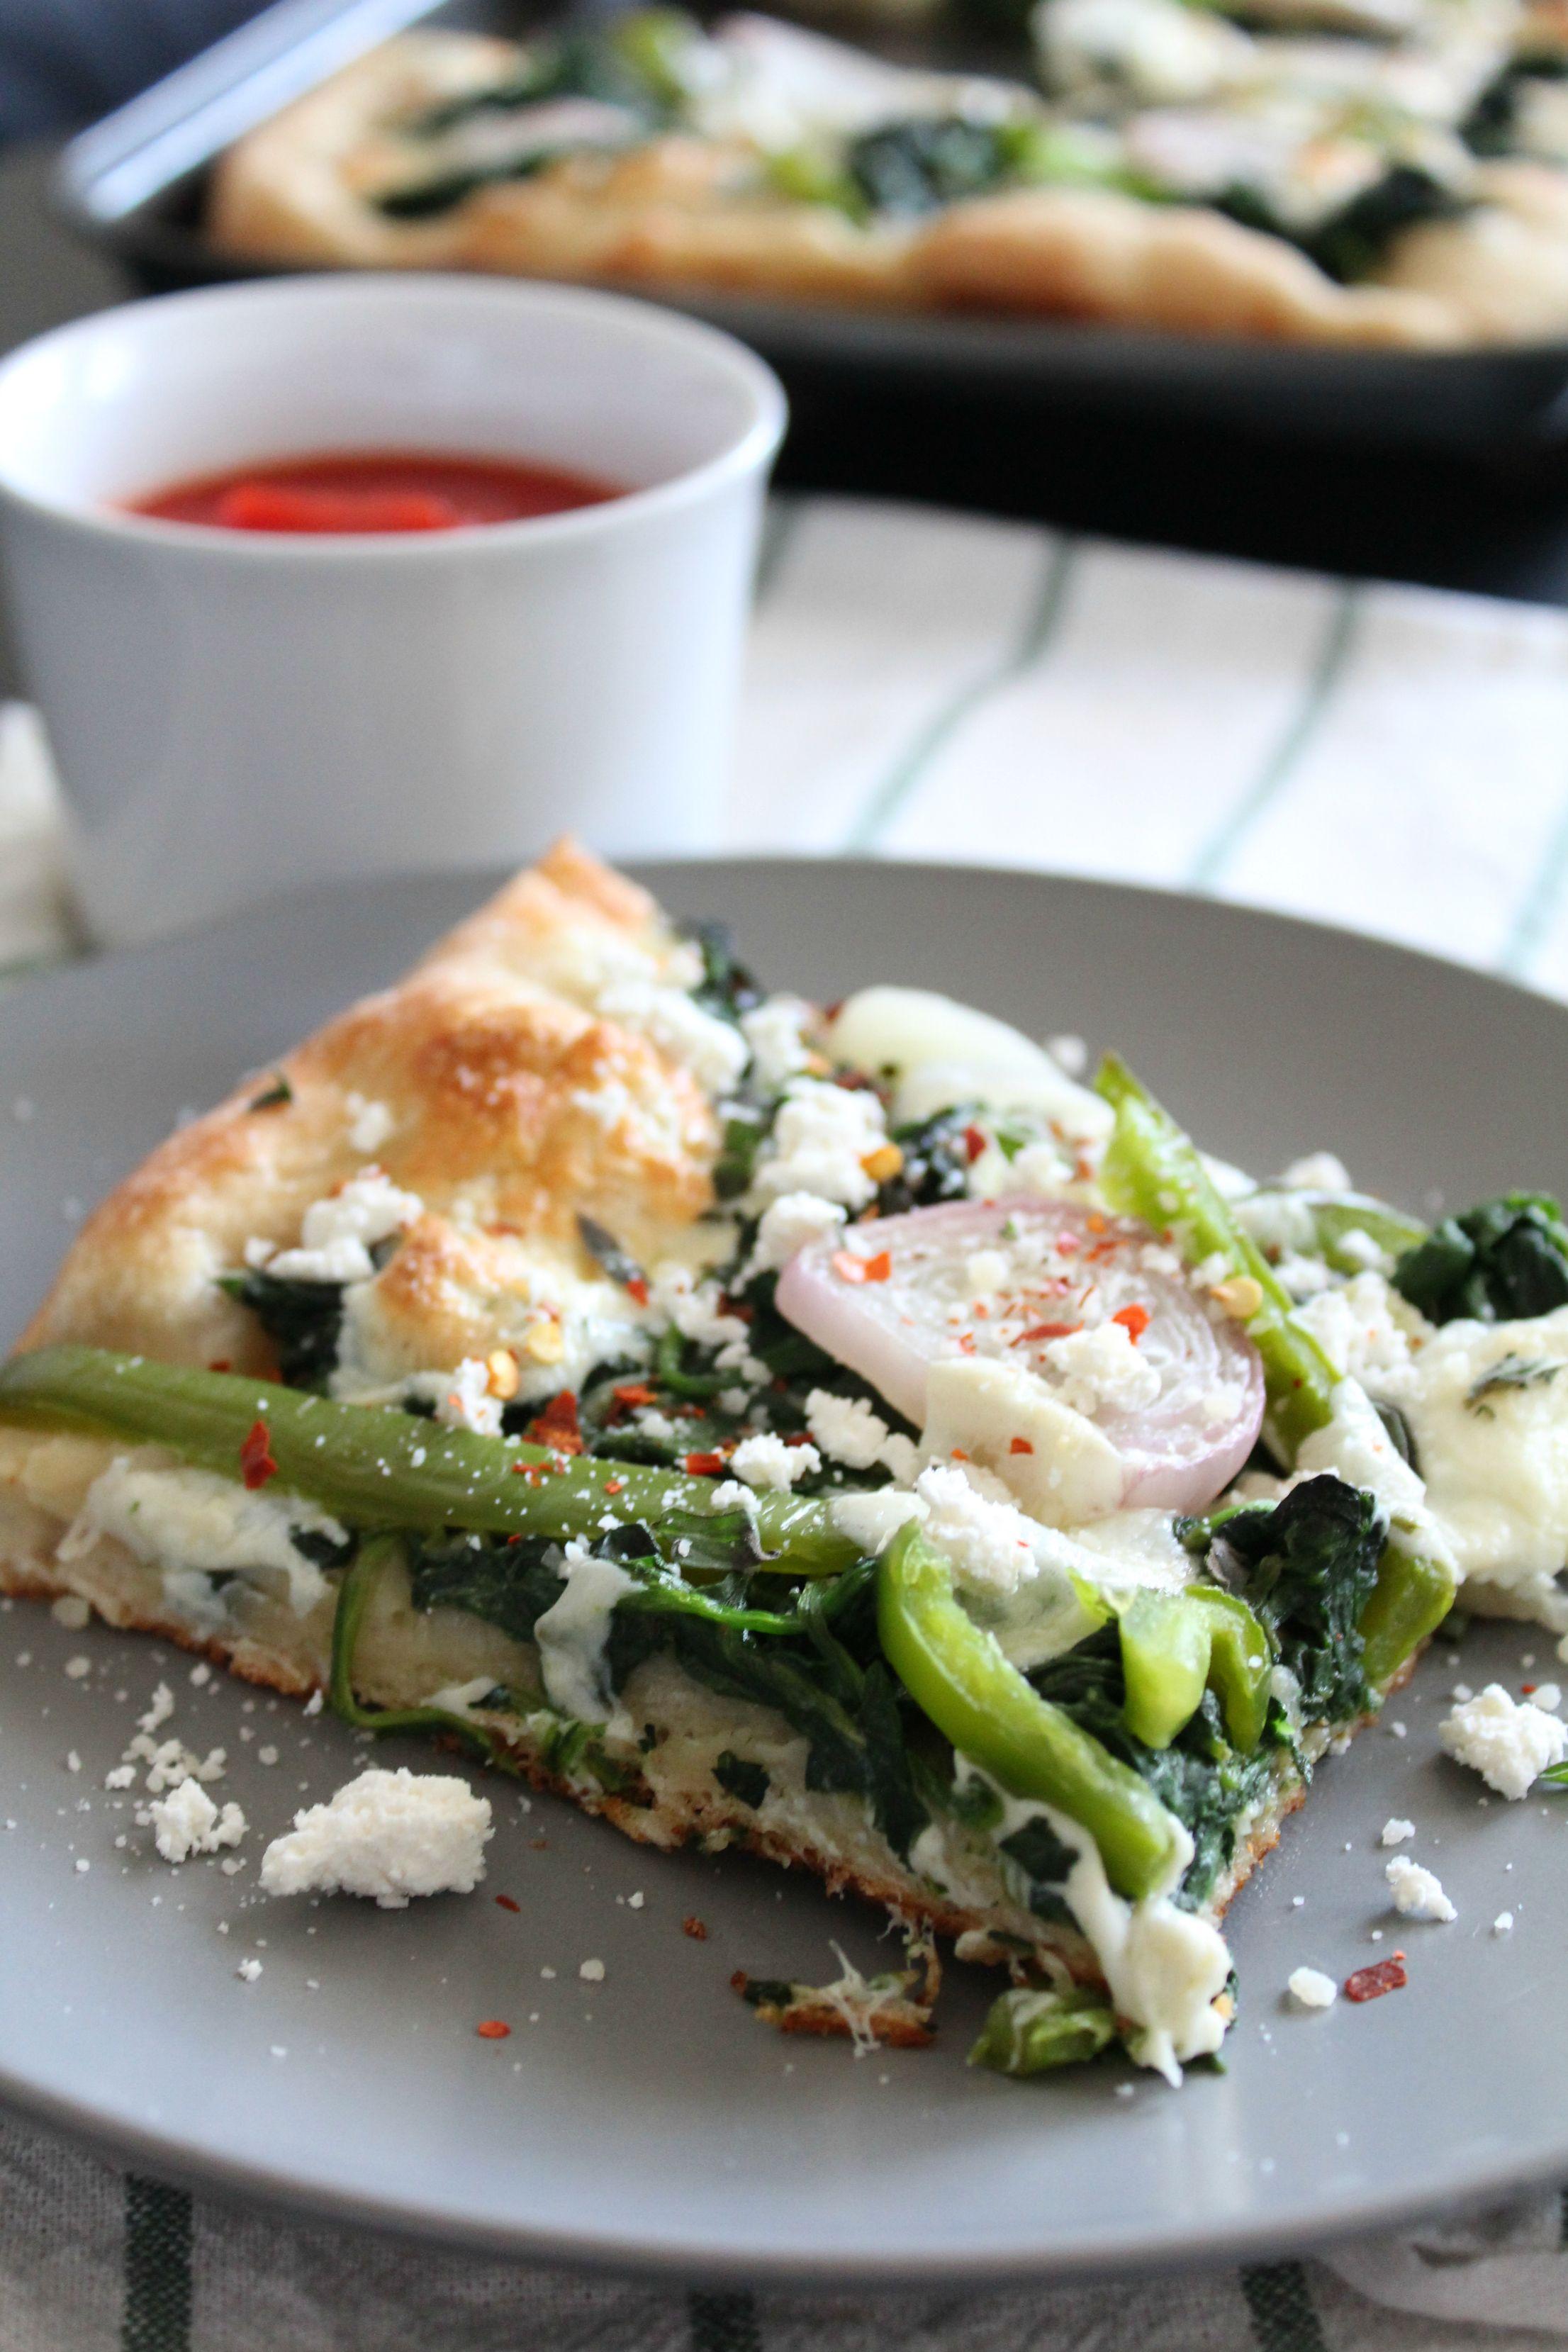 Blue apron spinach pizza - Spinach And Fresh Mozzarella Pizza Ad Blueapron Blueapron